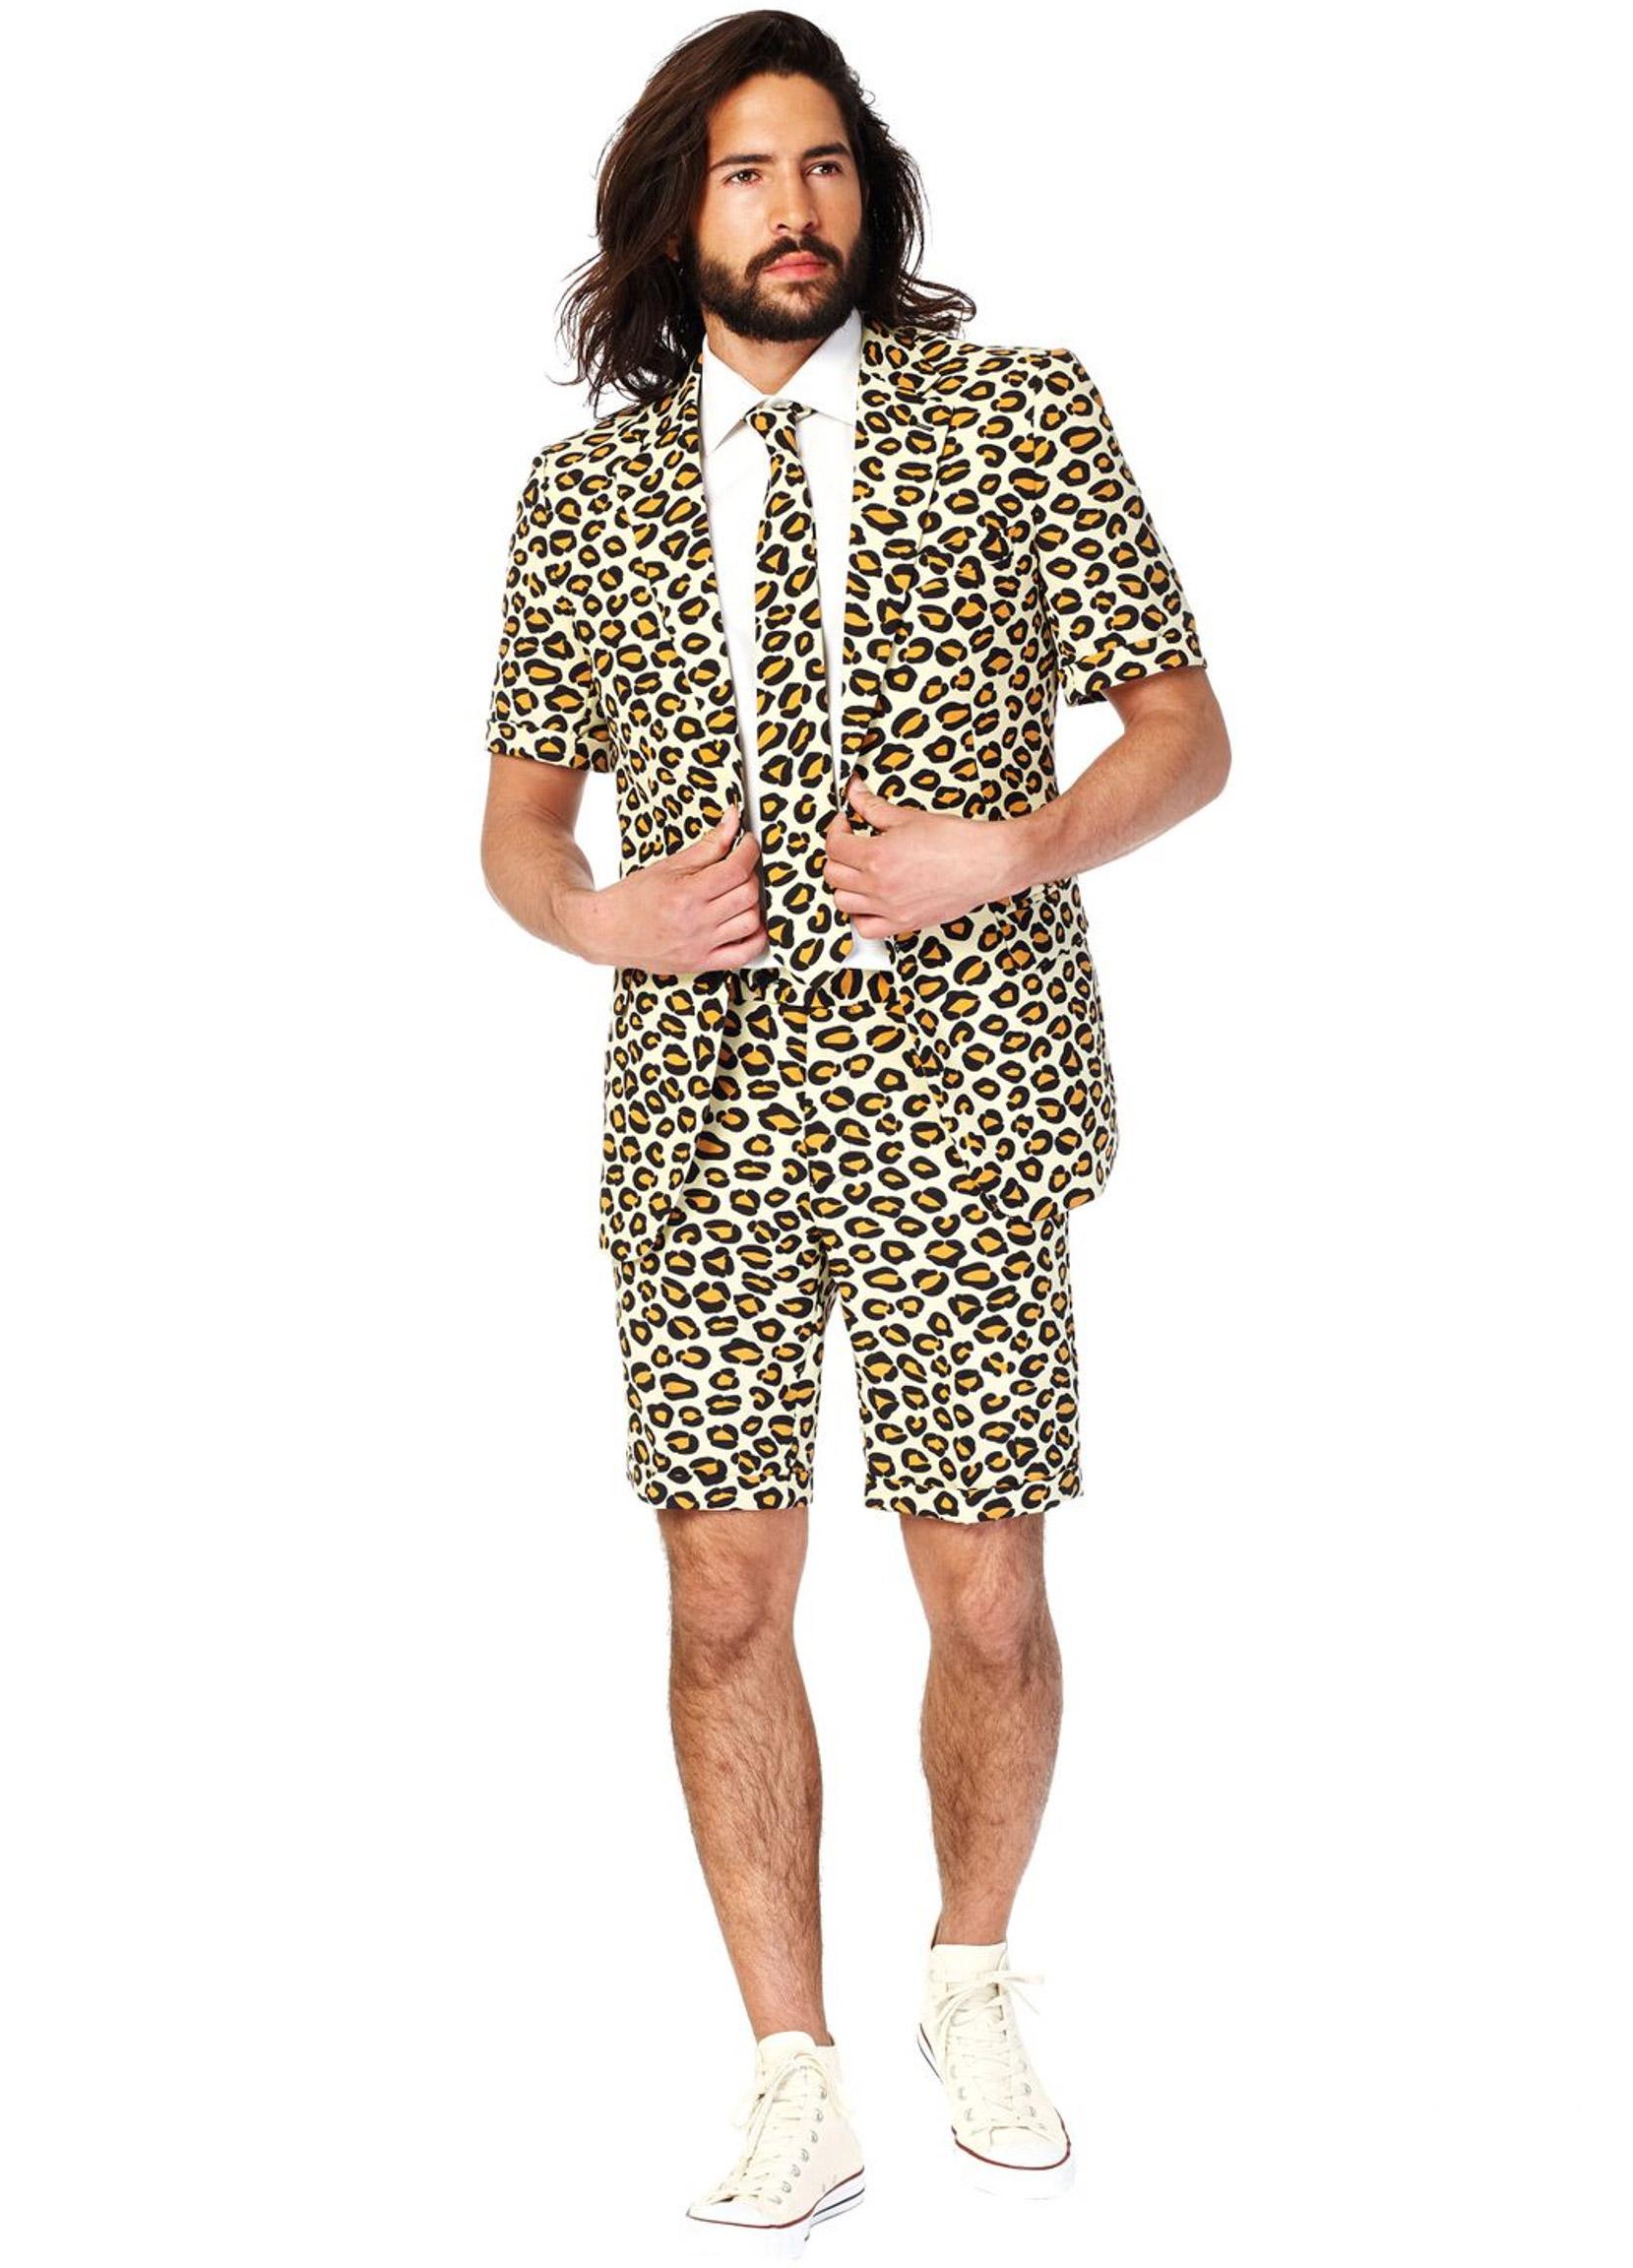 Abito Matrimonio Uomo Estivo : Abito estivo mr giaguaro per uomo opposuits™ costumi